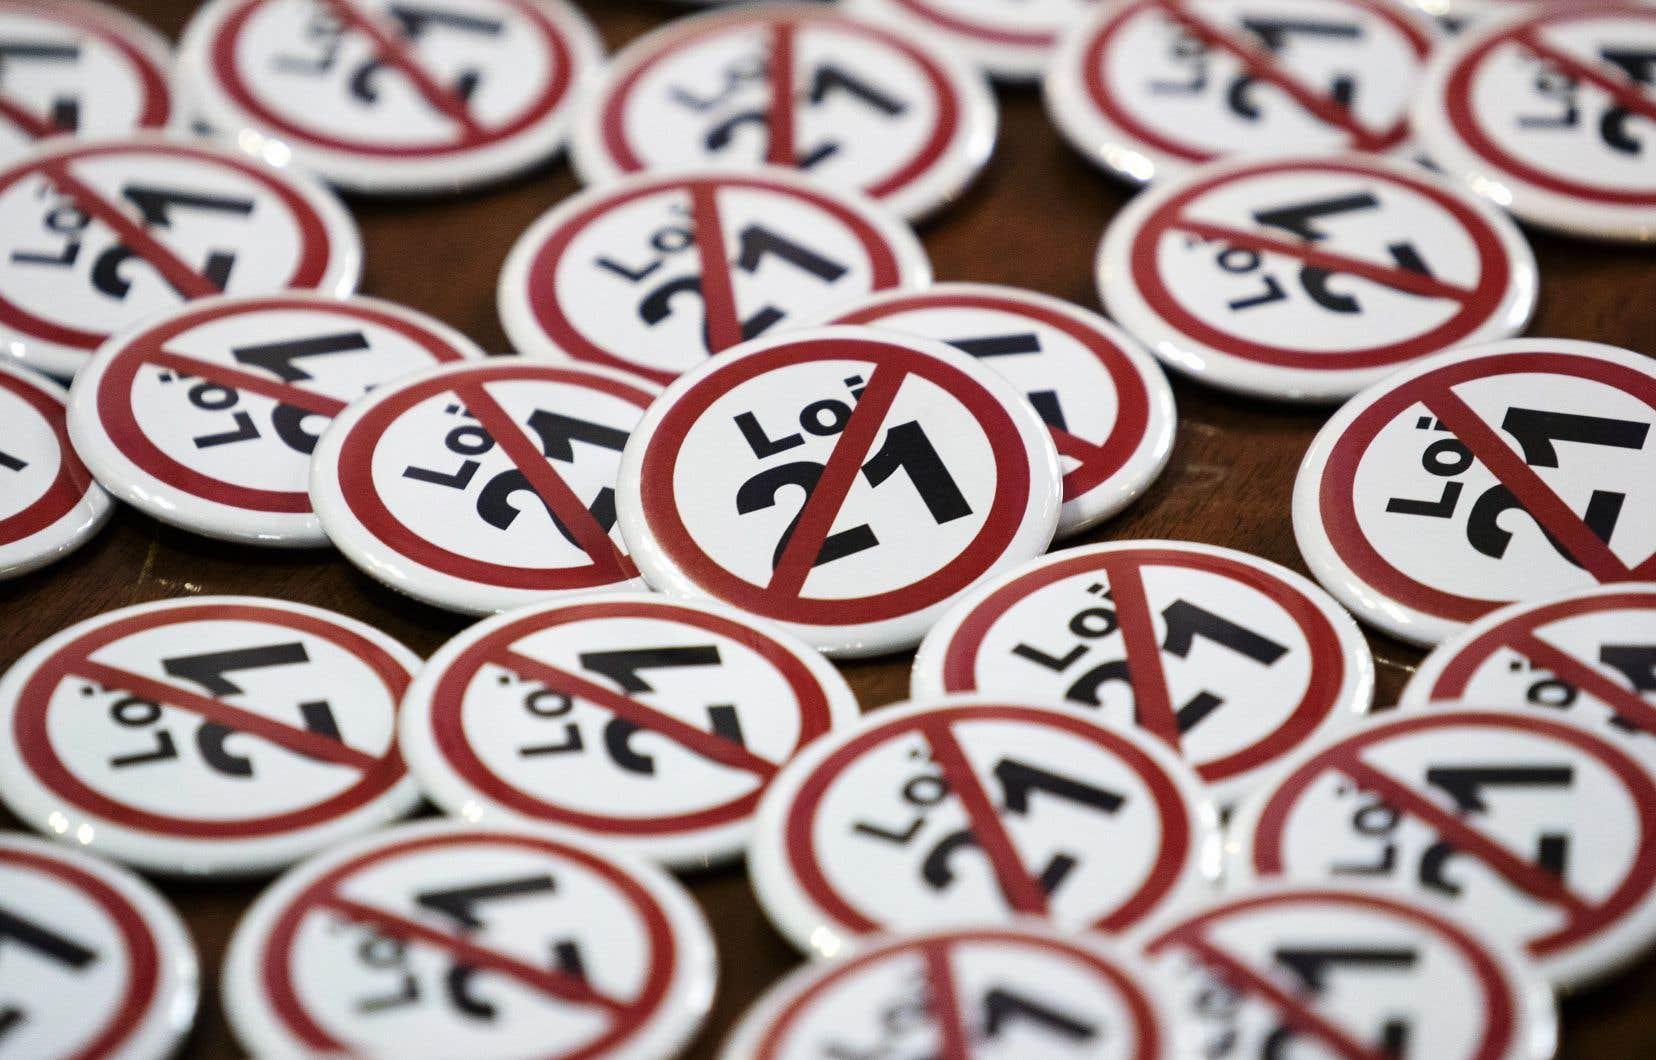 «Bien que la Loi sur la laïcité prétende proscrire le port des signes religieux en général, reconnaissons que le véritable objet d'opprobre est ici le voile islamique et ses dérivés», estime l'autrice.